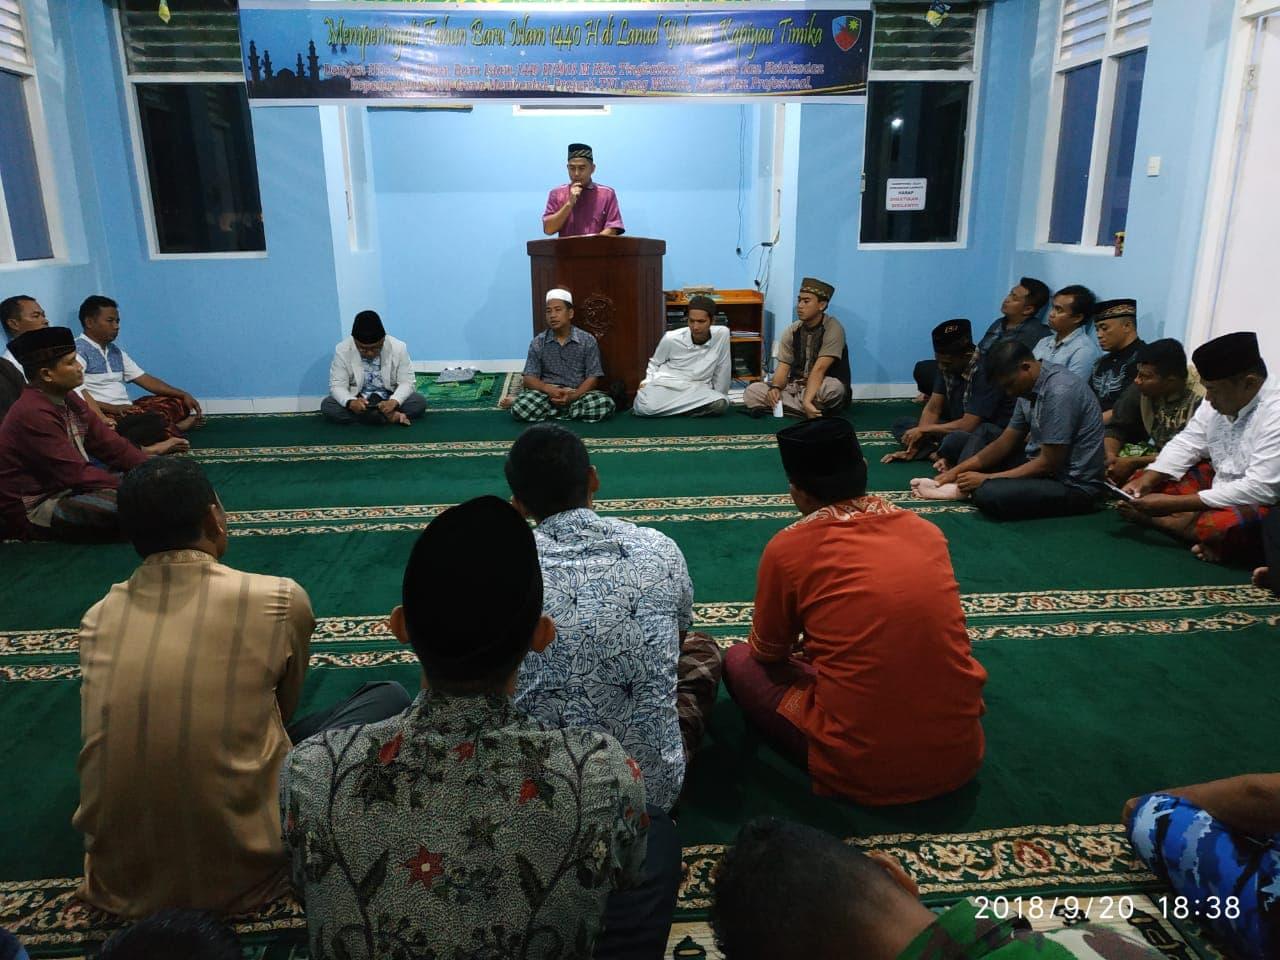 Peringatan Tahun Baru Islam 1440 H di Lanud Y Kapiyau Timika